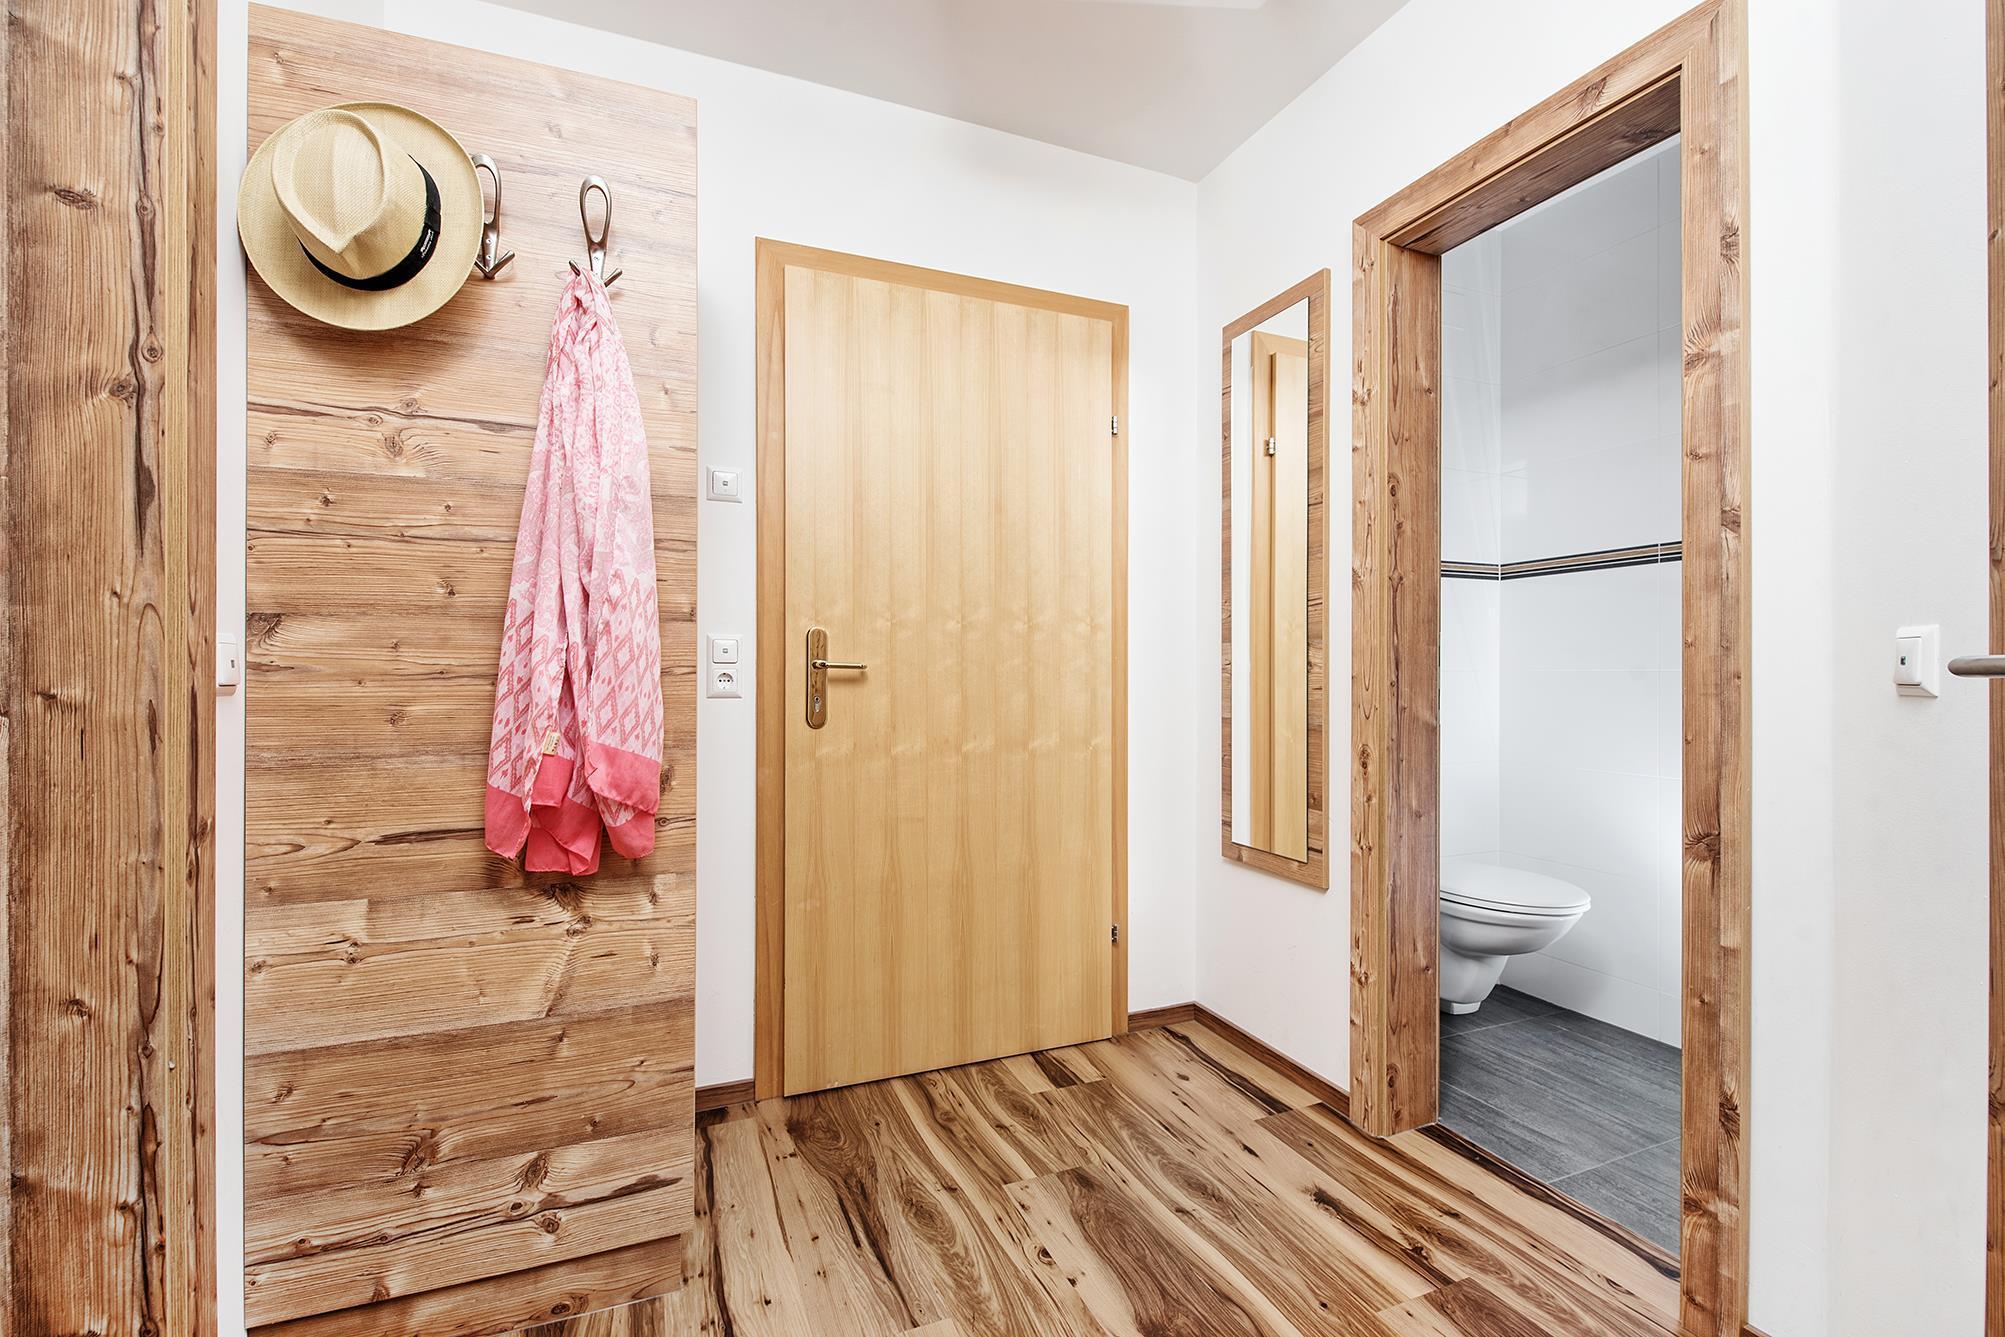 Appartement de vacances Landhaus Parth Ferienwohnung 50 m² 5 Personen (2372142), Ossiach, Lac Ossiach, Carinthie, Autriche, image 79